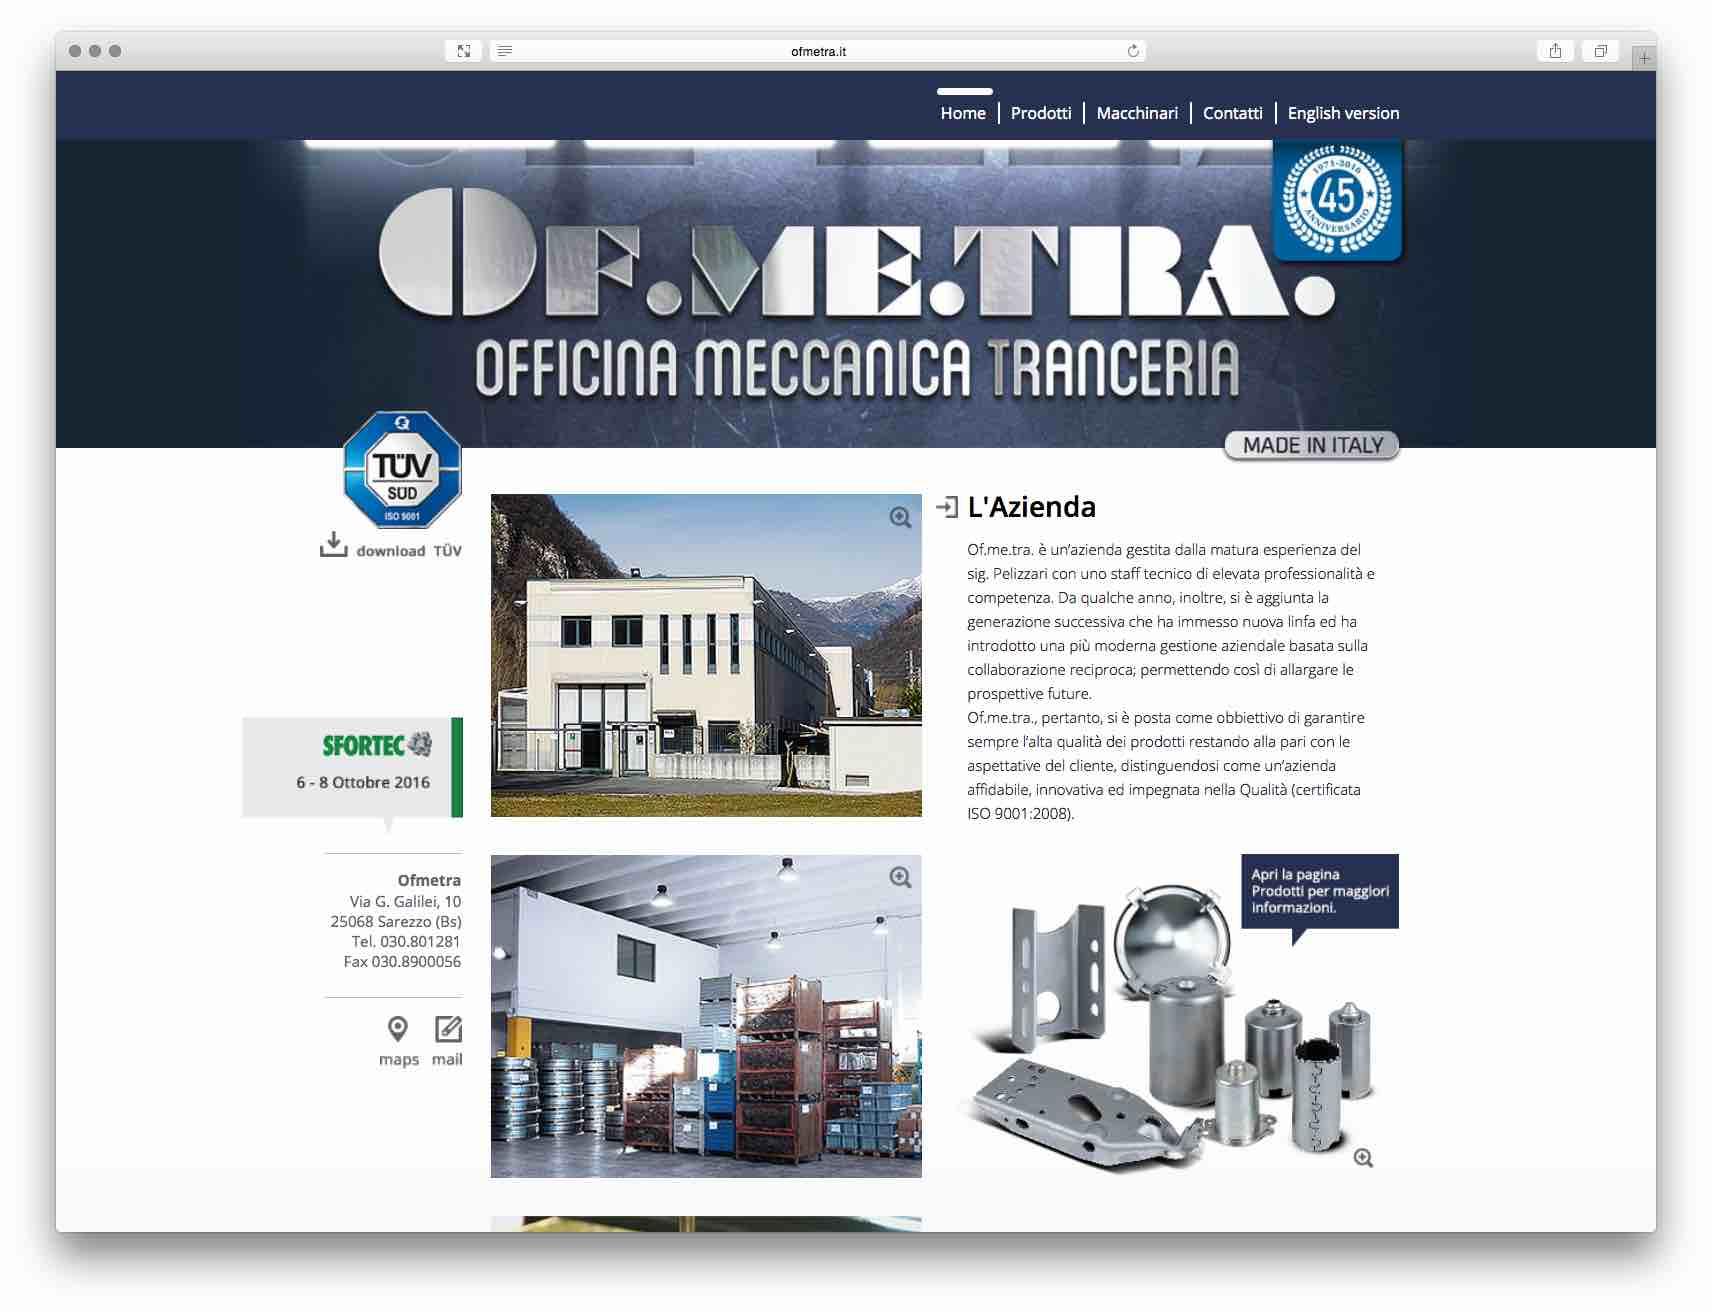 Creazione Siti Web Brescia - Sito Web Ofemtra